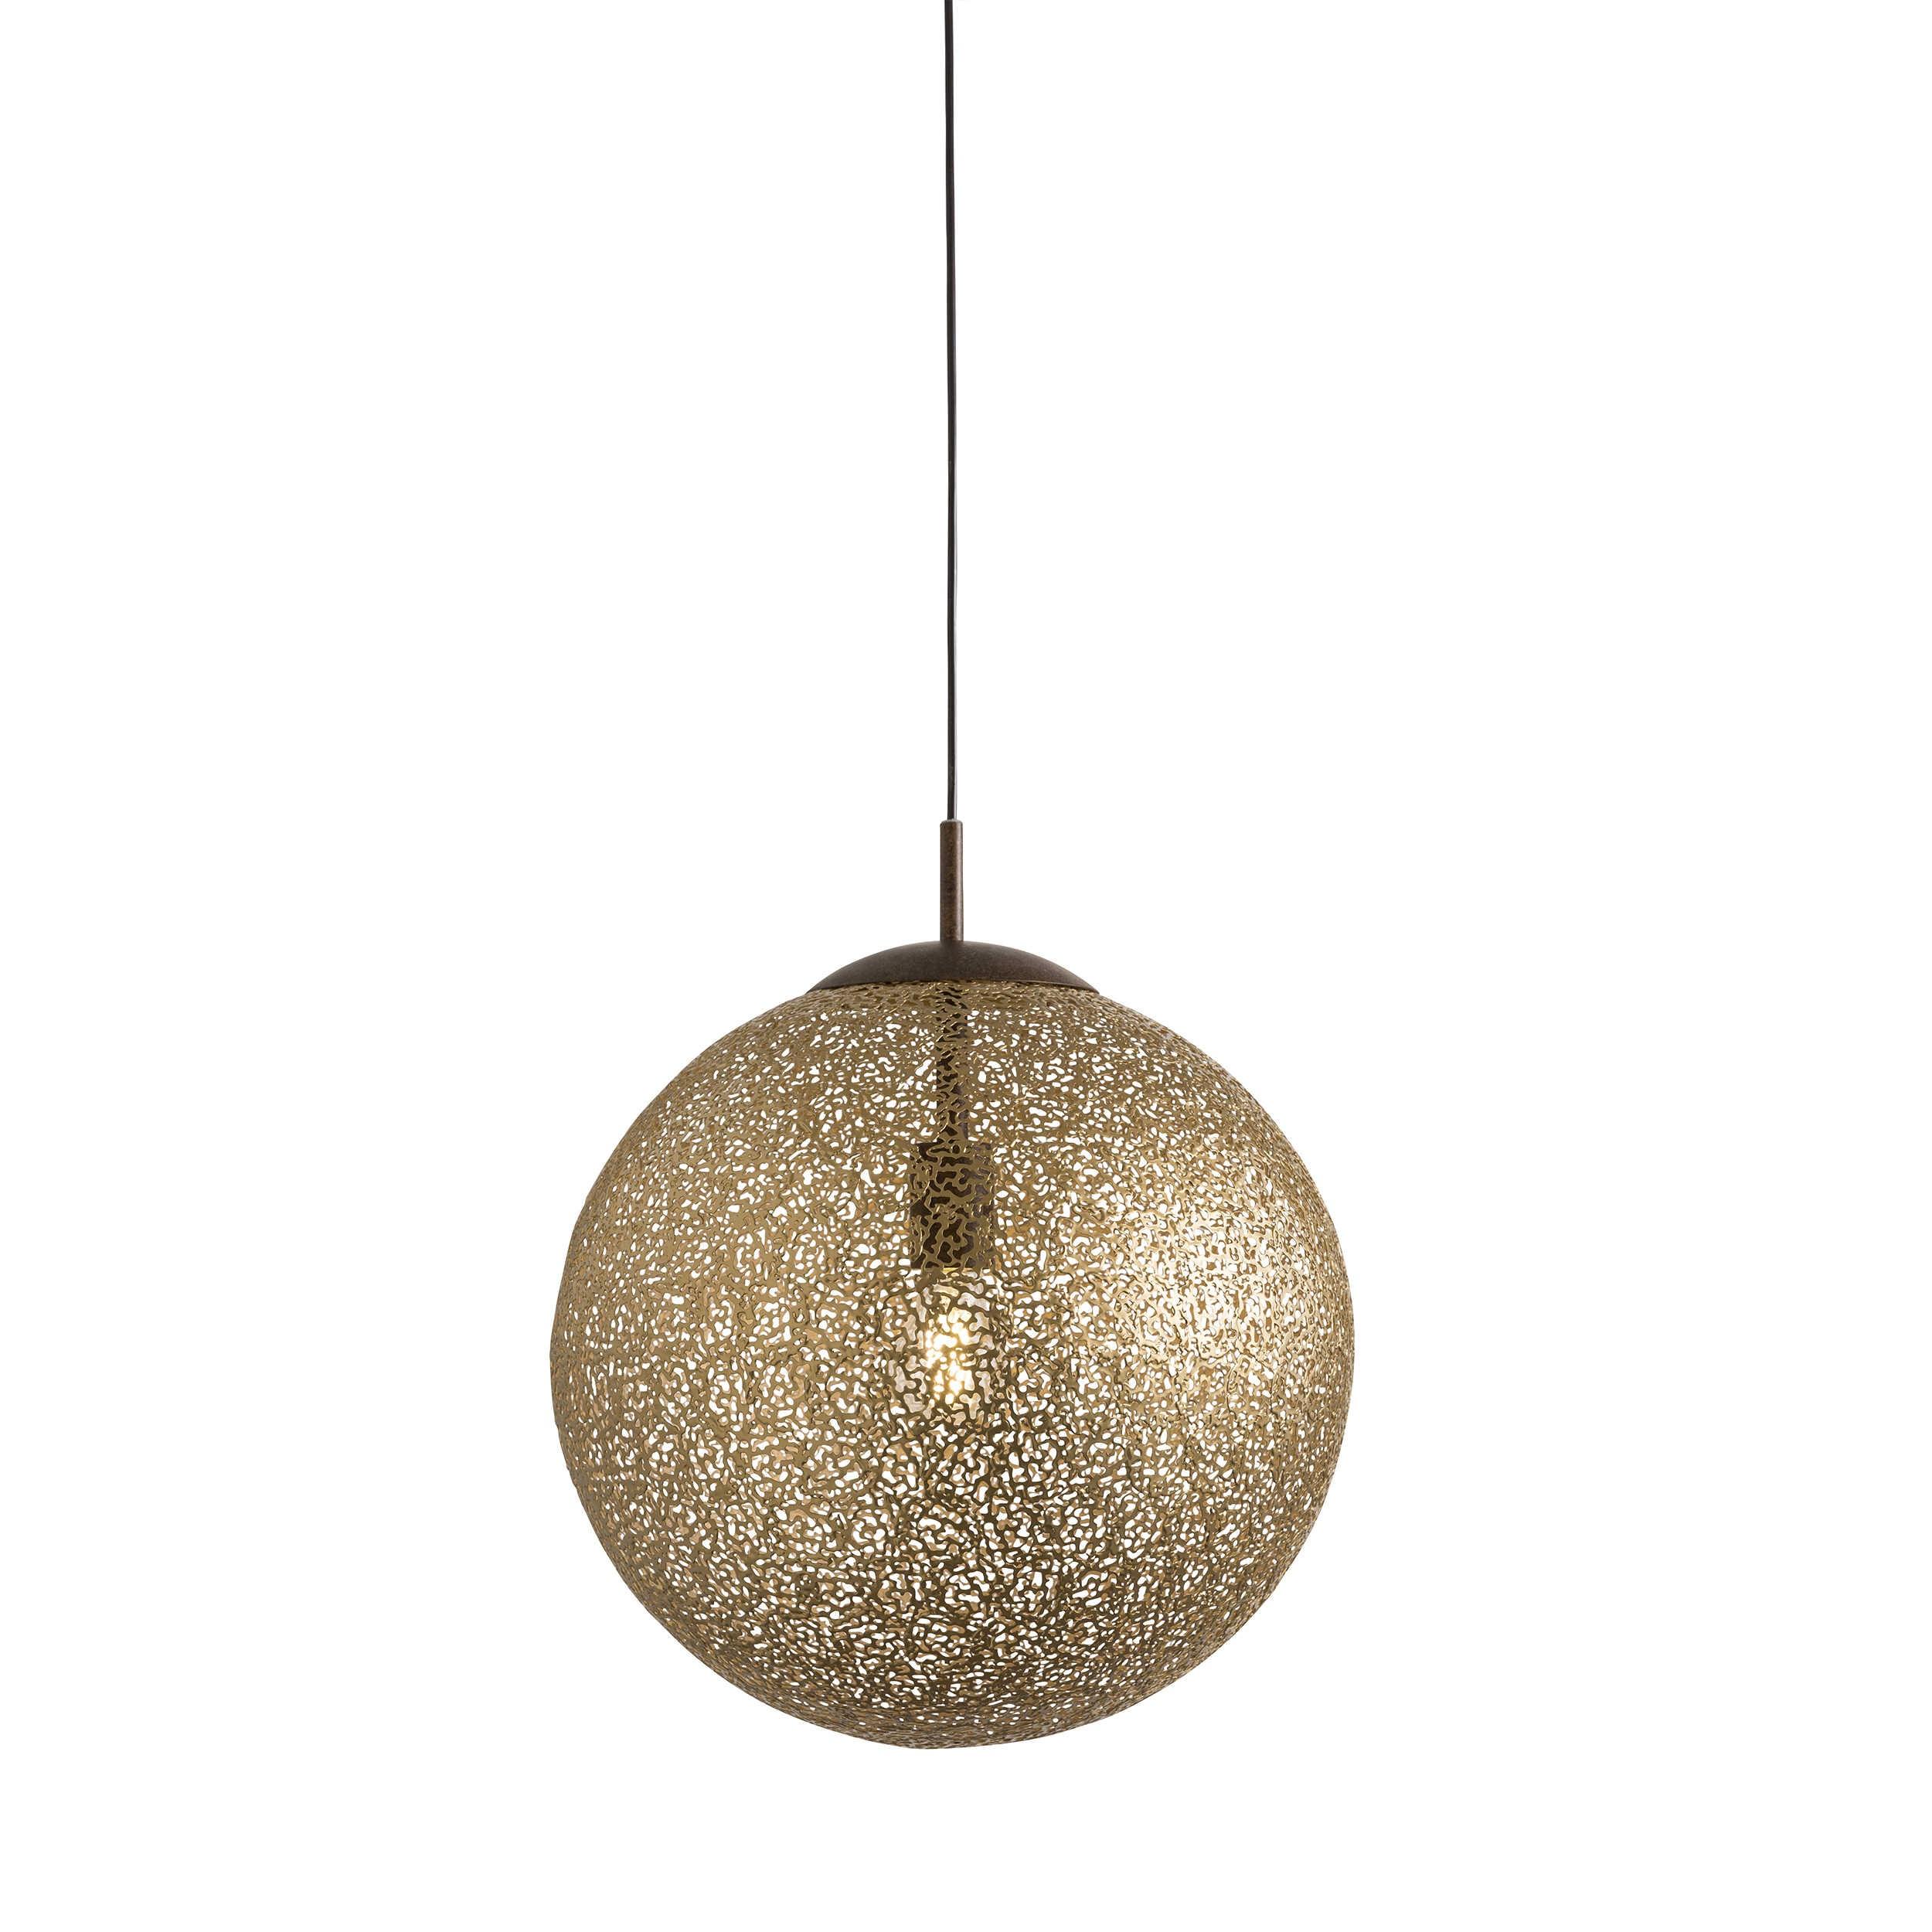 paul neuhaus pendelleuchte greta a antik alu eisen stahl metall 40 cm online kaufen bei woonio. Black Bedroom Furniture Sets. Home Design Ideas